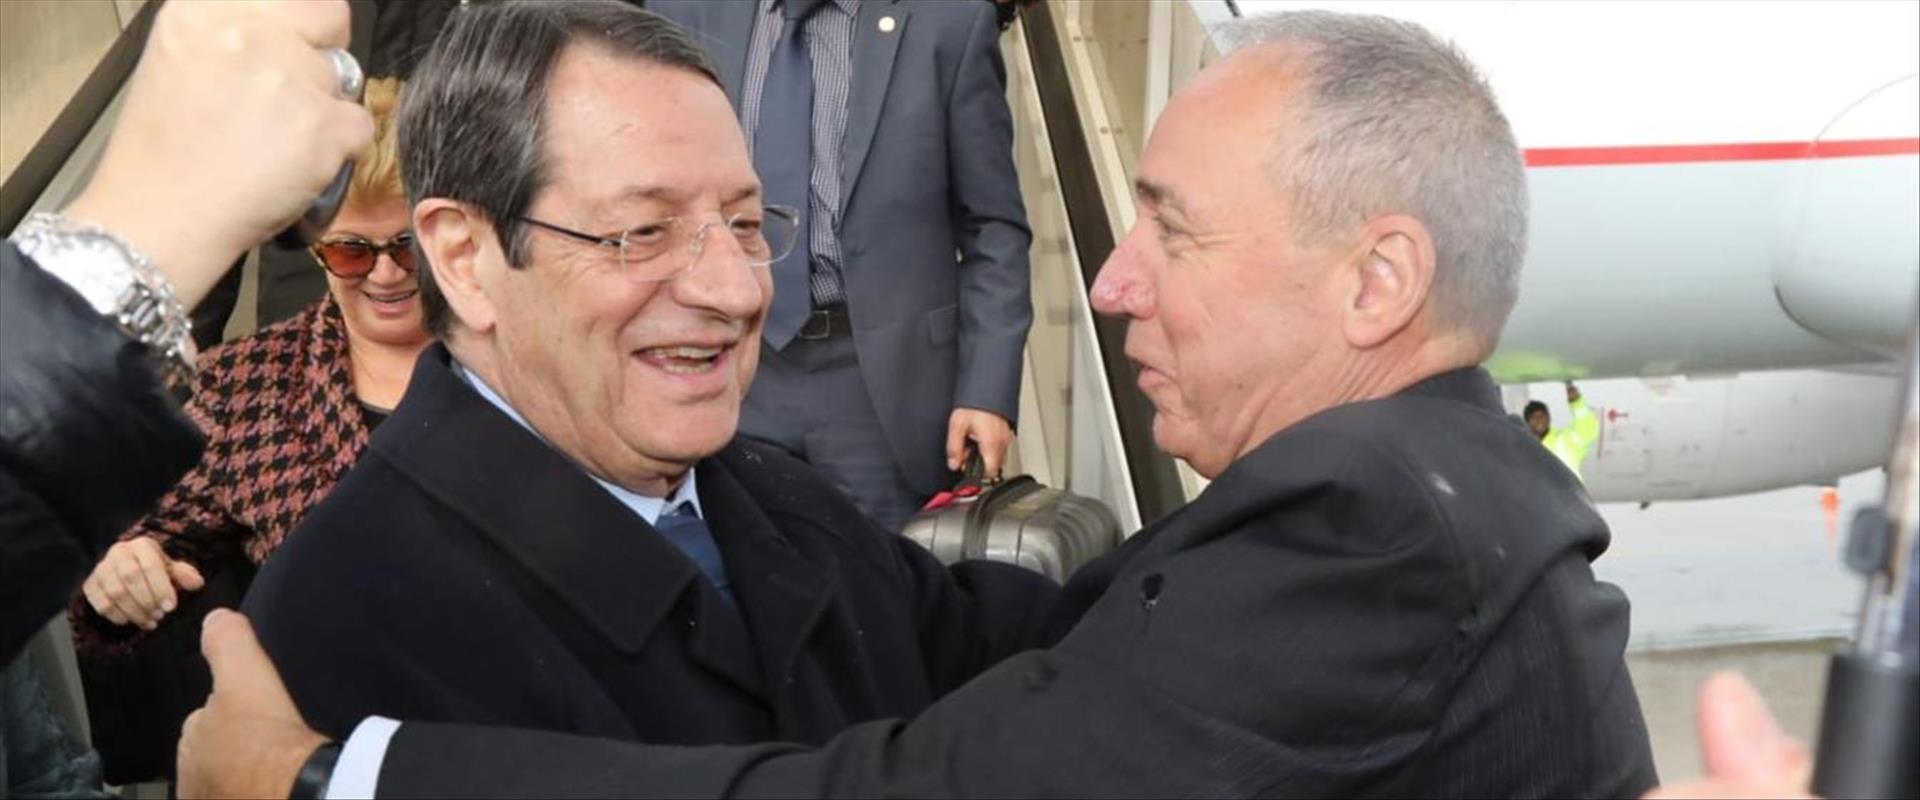 """נשיא קפריסין אנסטסיאדיס בנתב""""ג, היום"""